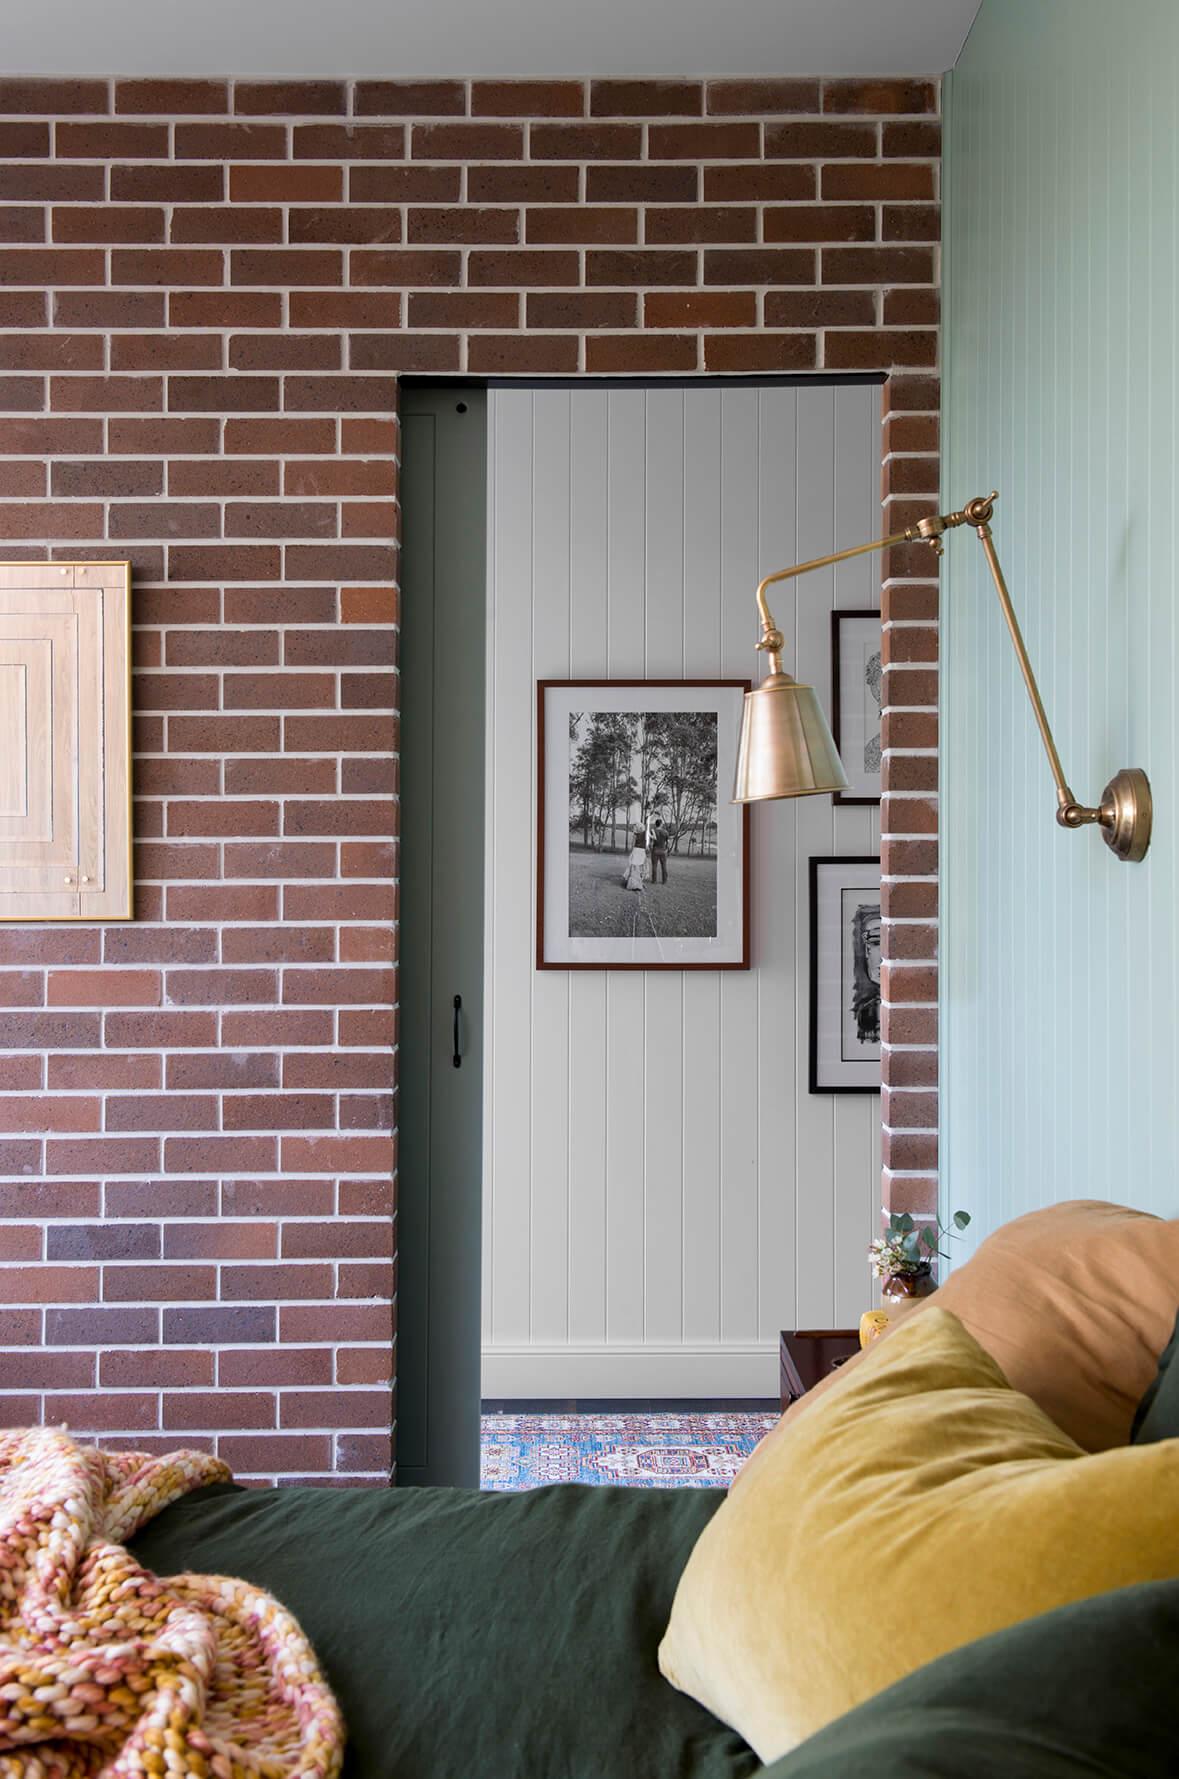 Mur en briques dans une chambre